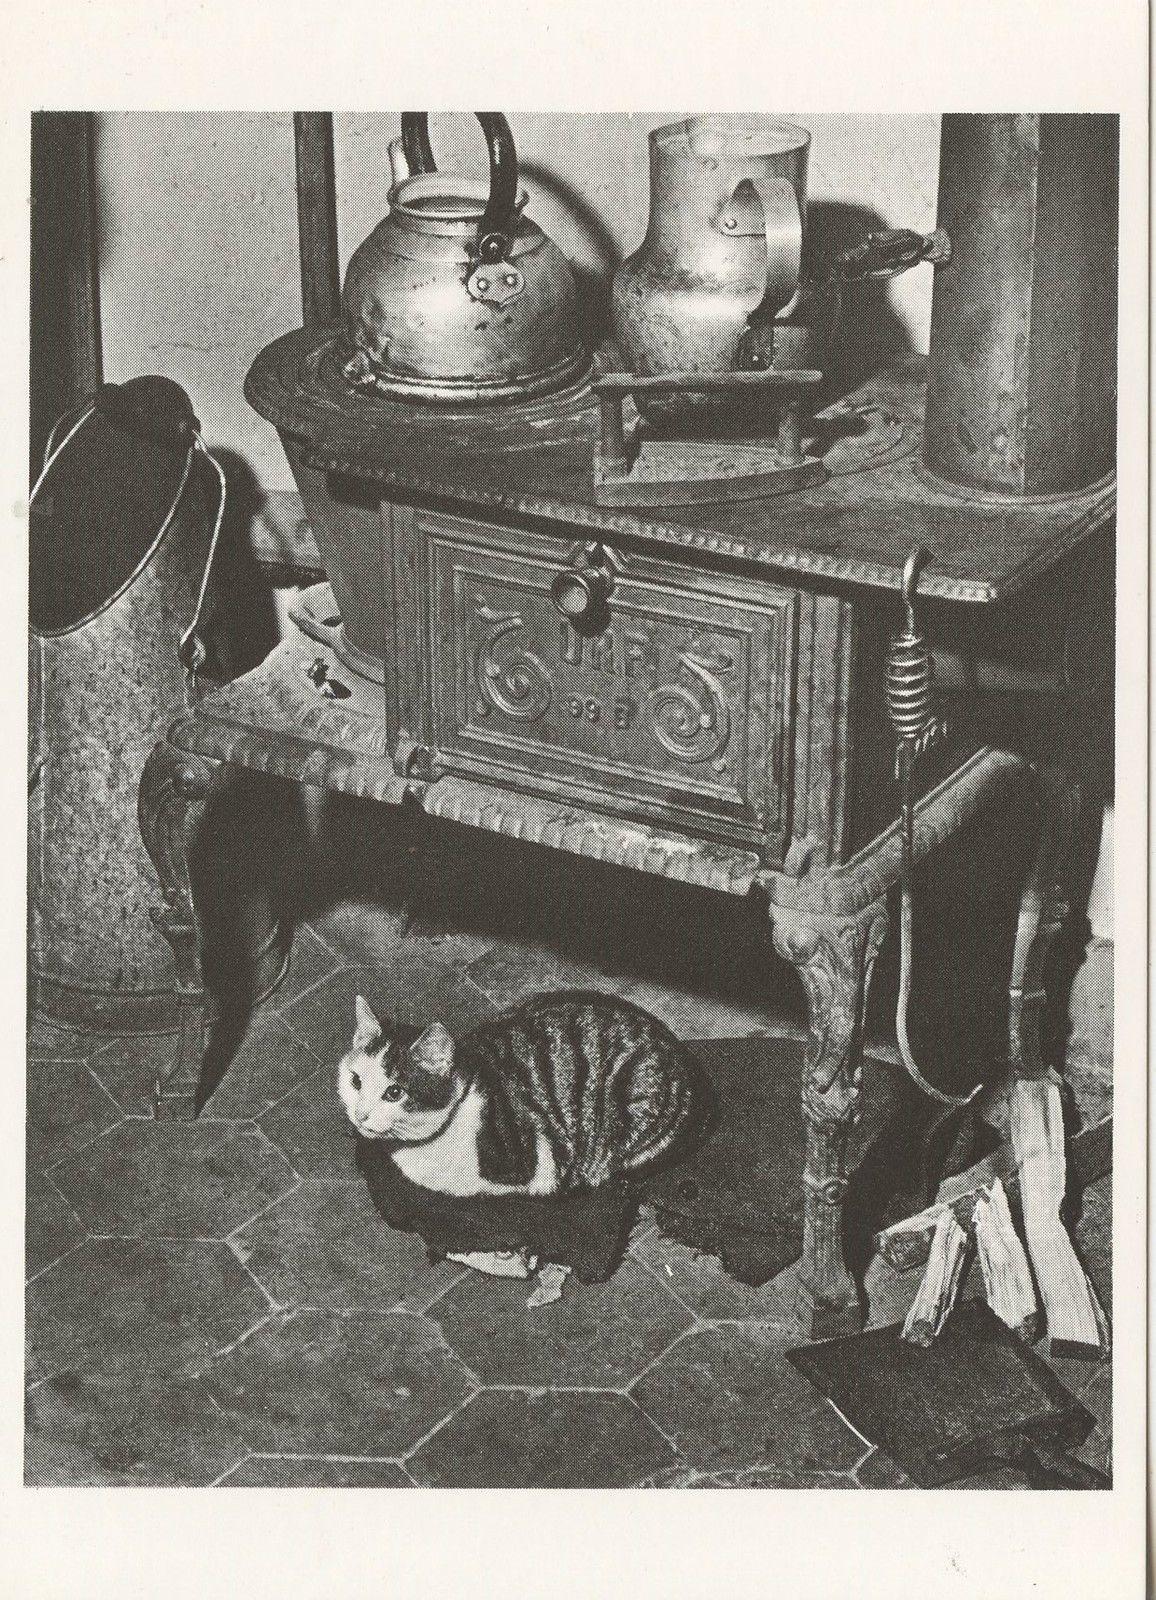 1980. Кошка греется у печки